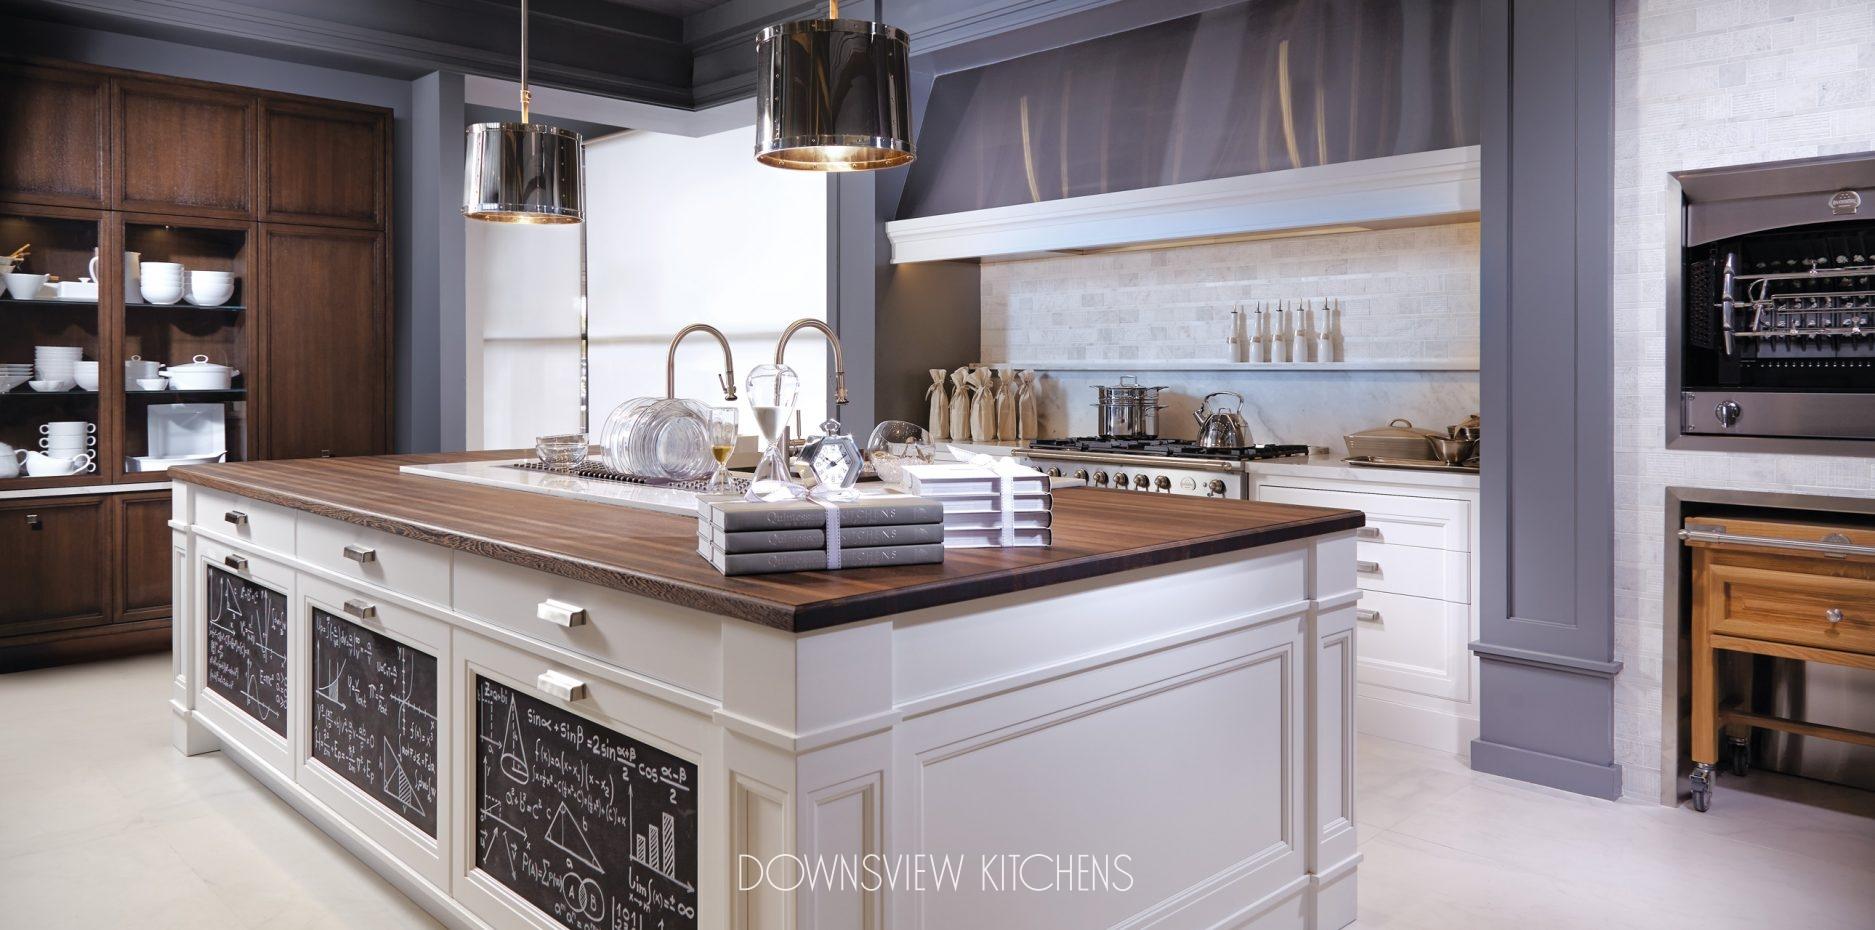 kitchen flooring trends stainless sink design wisdom - downsview kitchens and fine custom ...